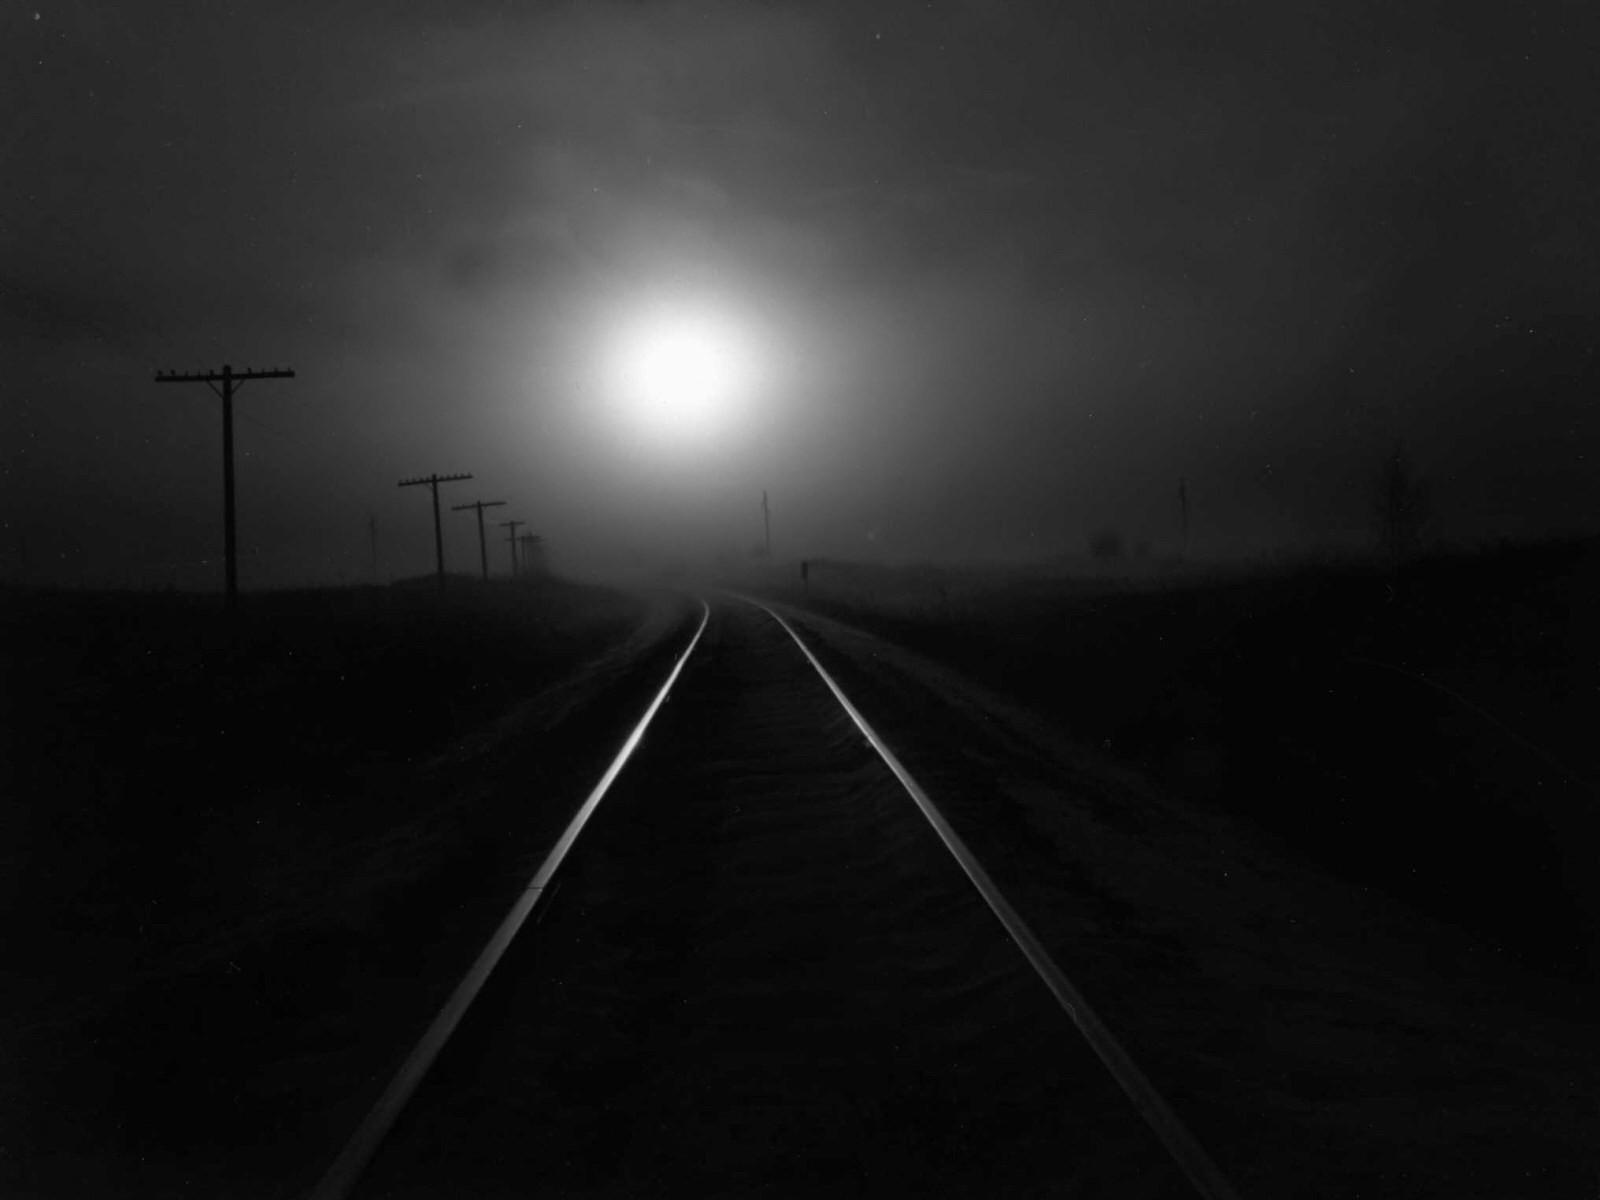 Картинки одиночество с фразами только